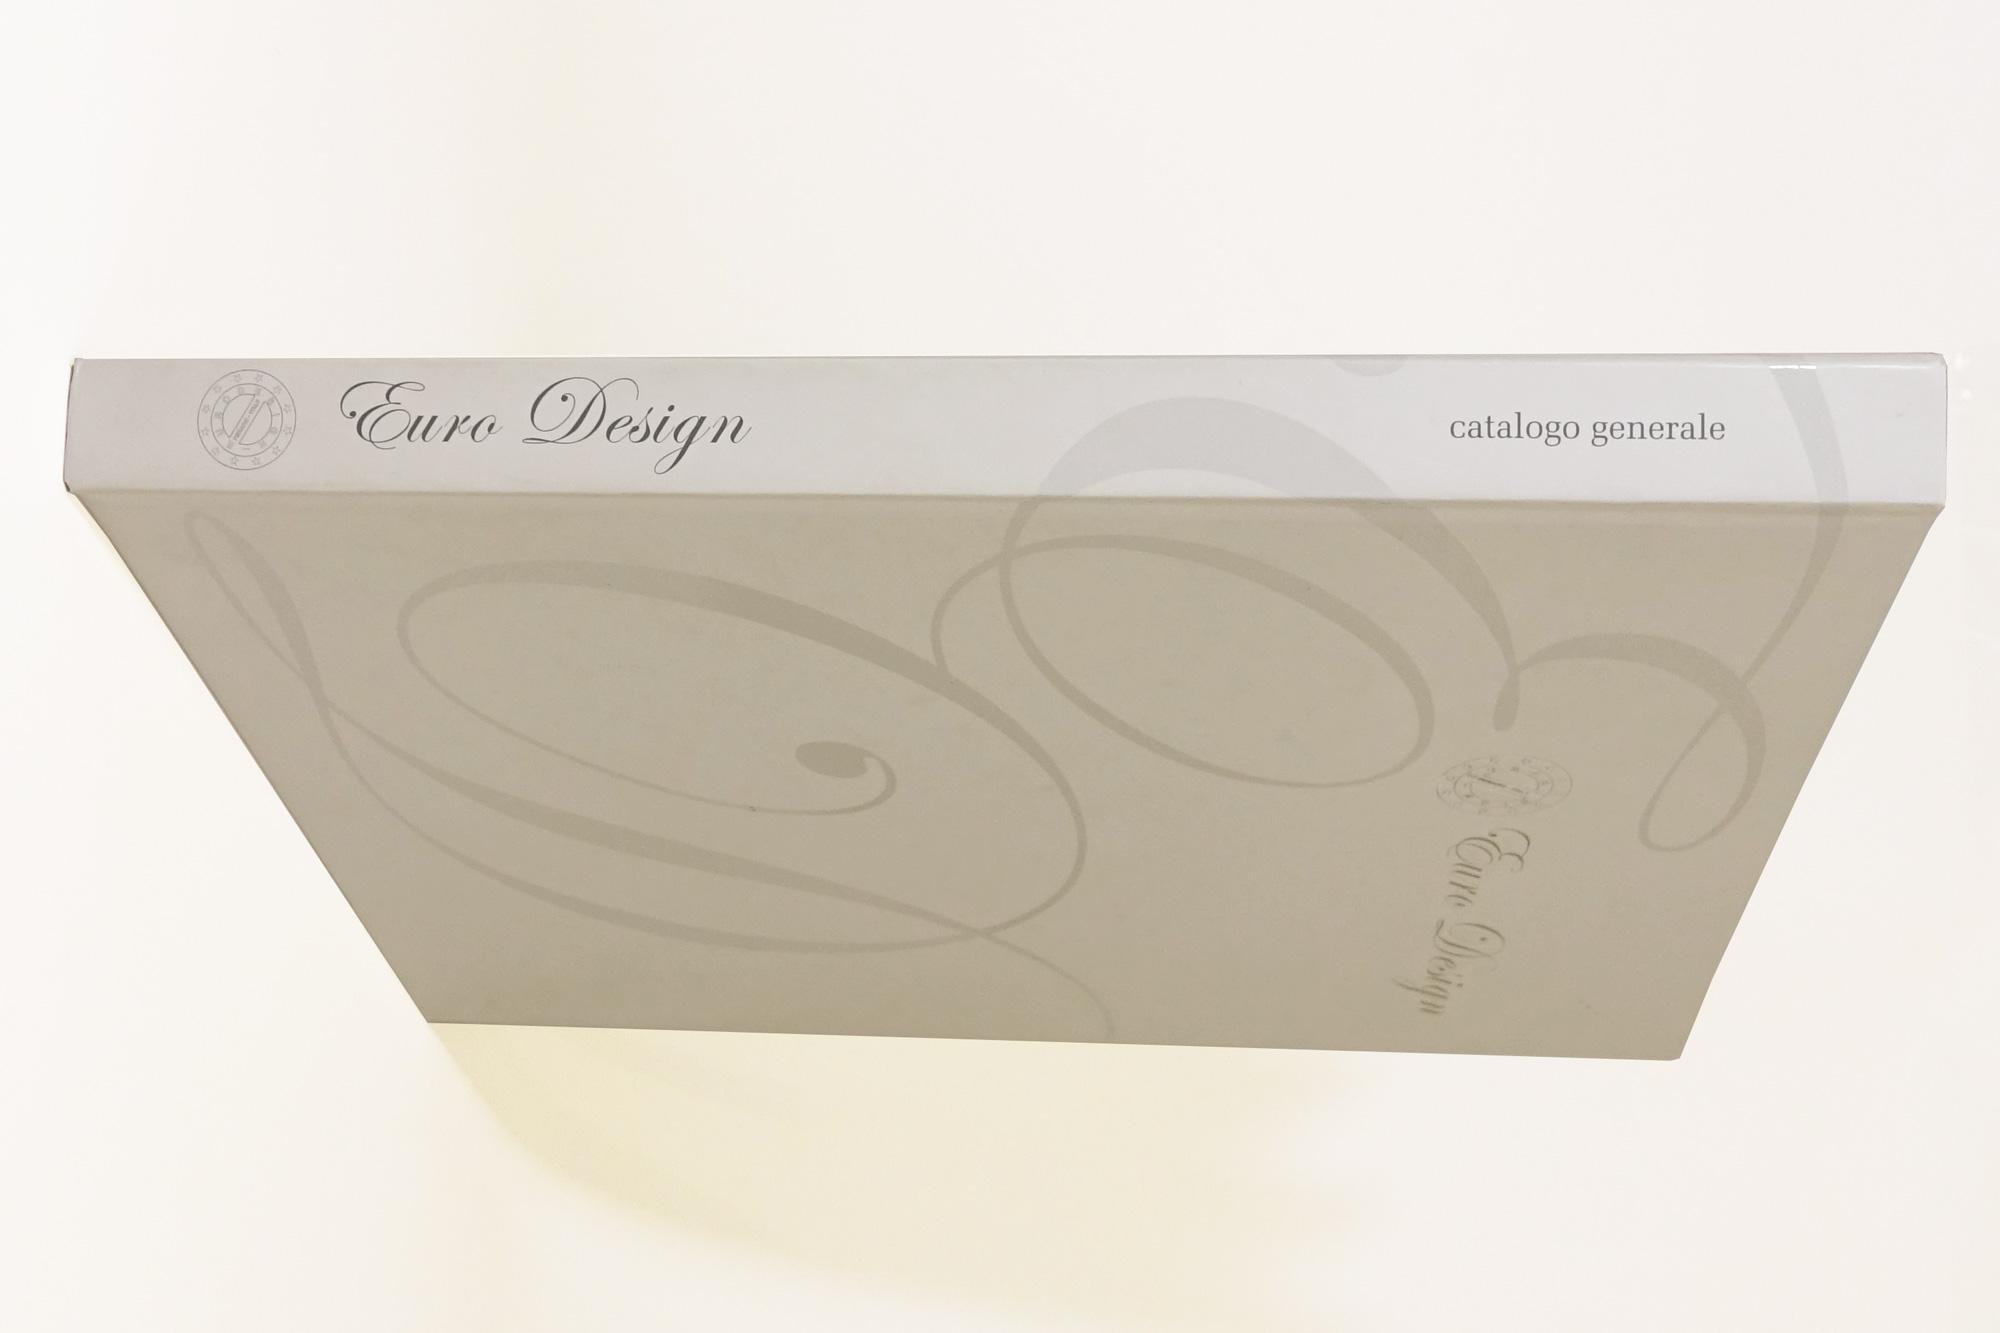 studio bartolini cataloghi grafici rendering 3D catalogo euro design Urbino mobili design arredamento interni